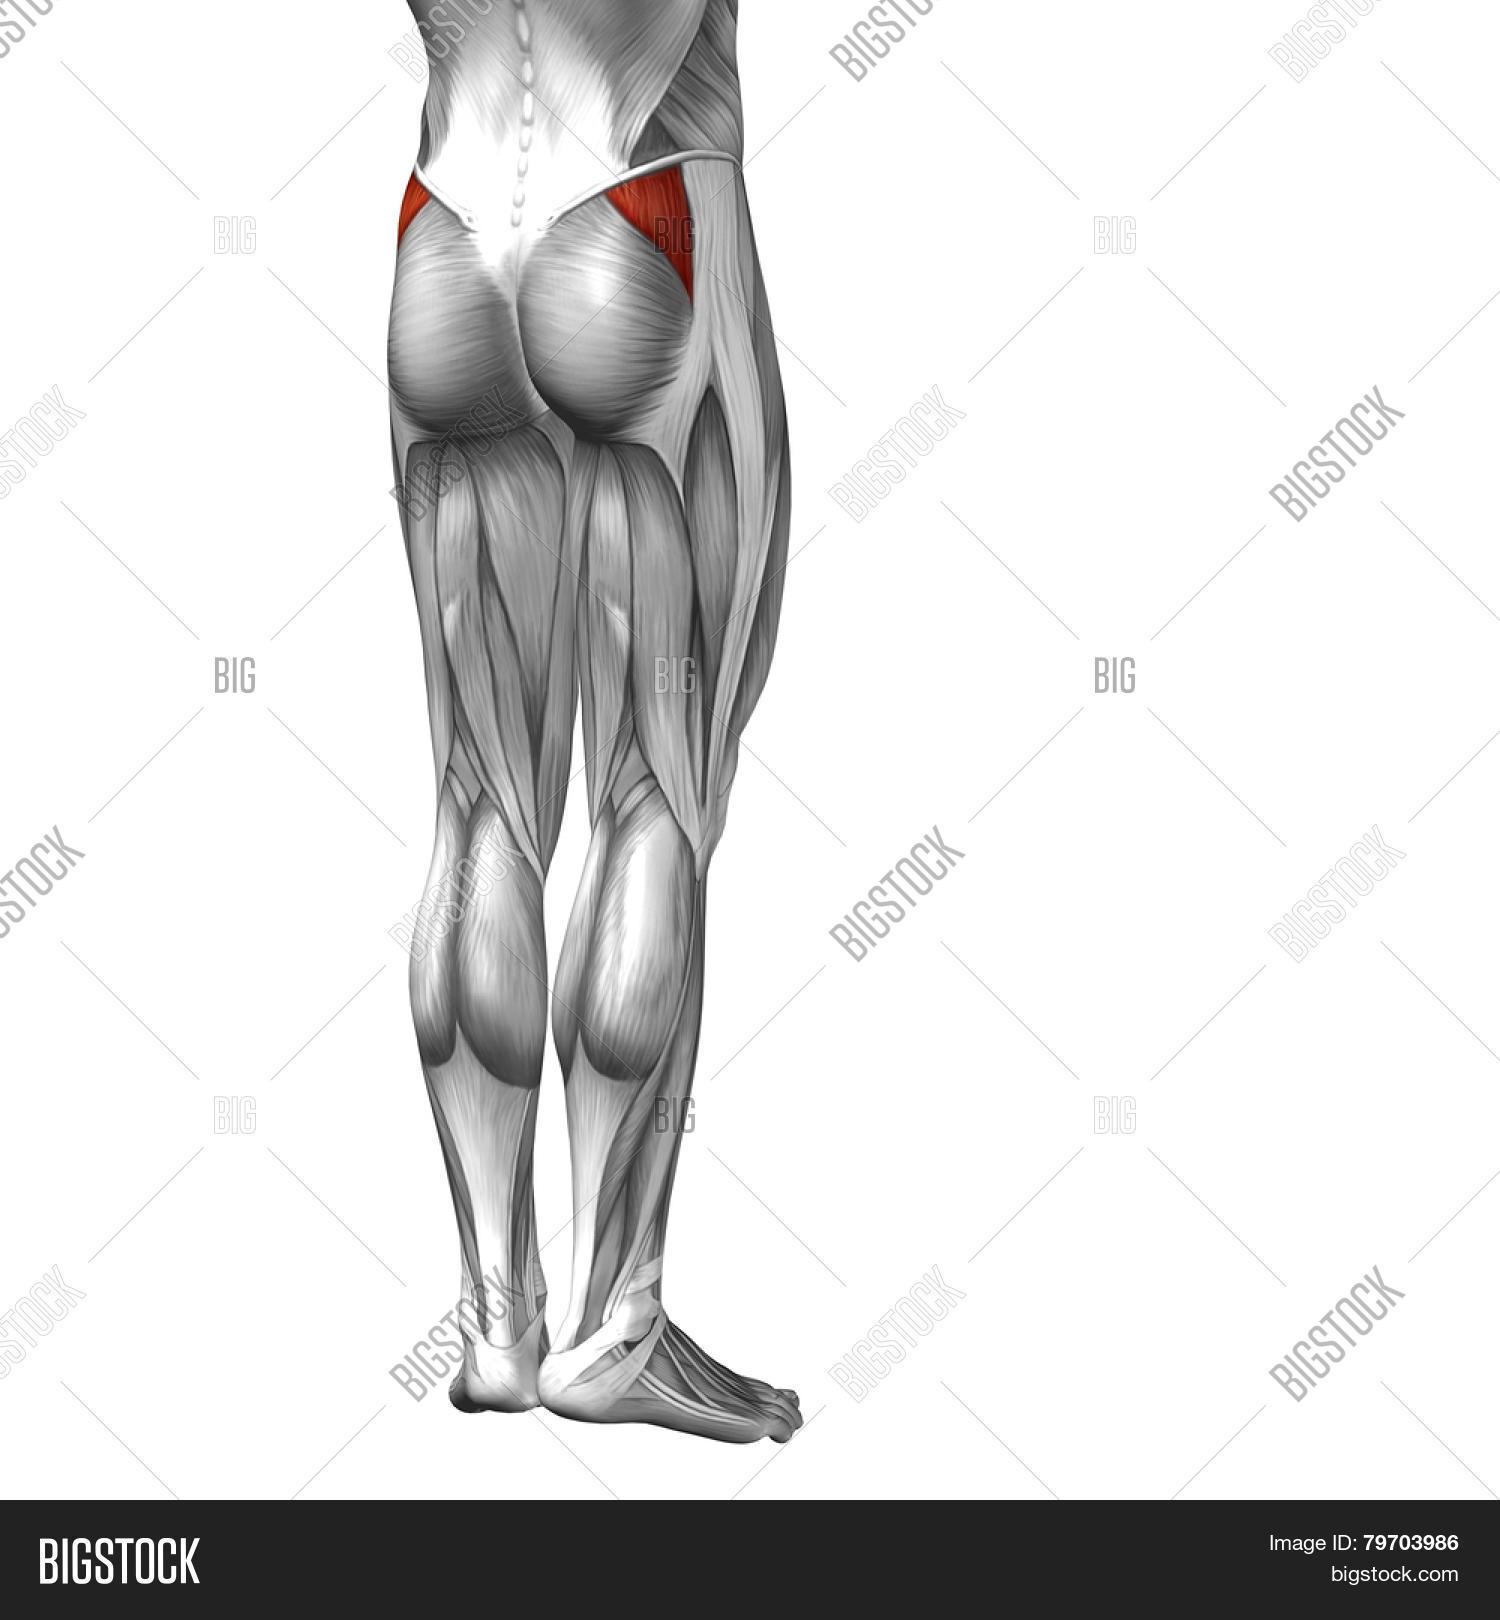 Ziemlich Gluteus Medius Anatomie Ideen - Menschliche Anatomie Bilder ...